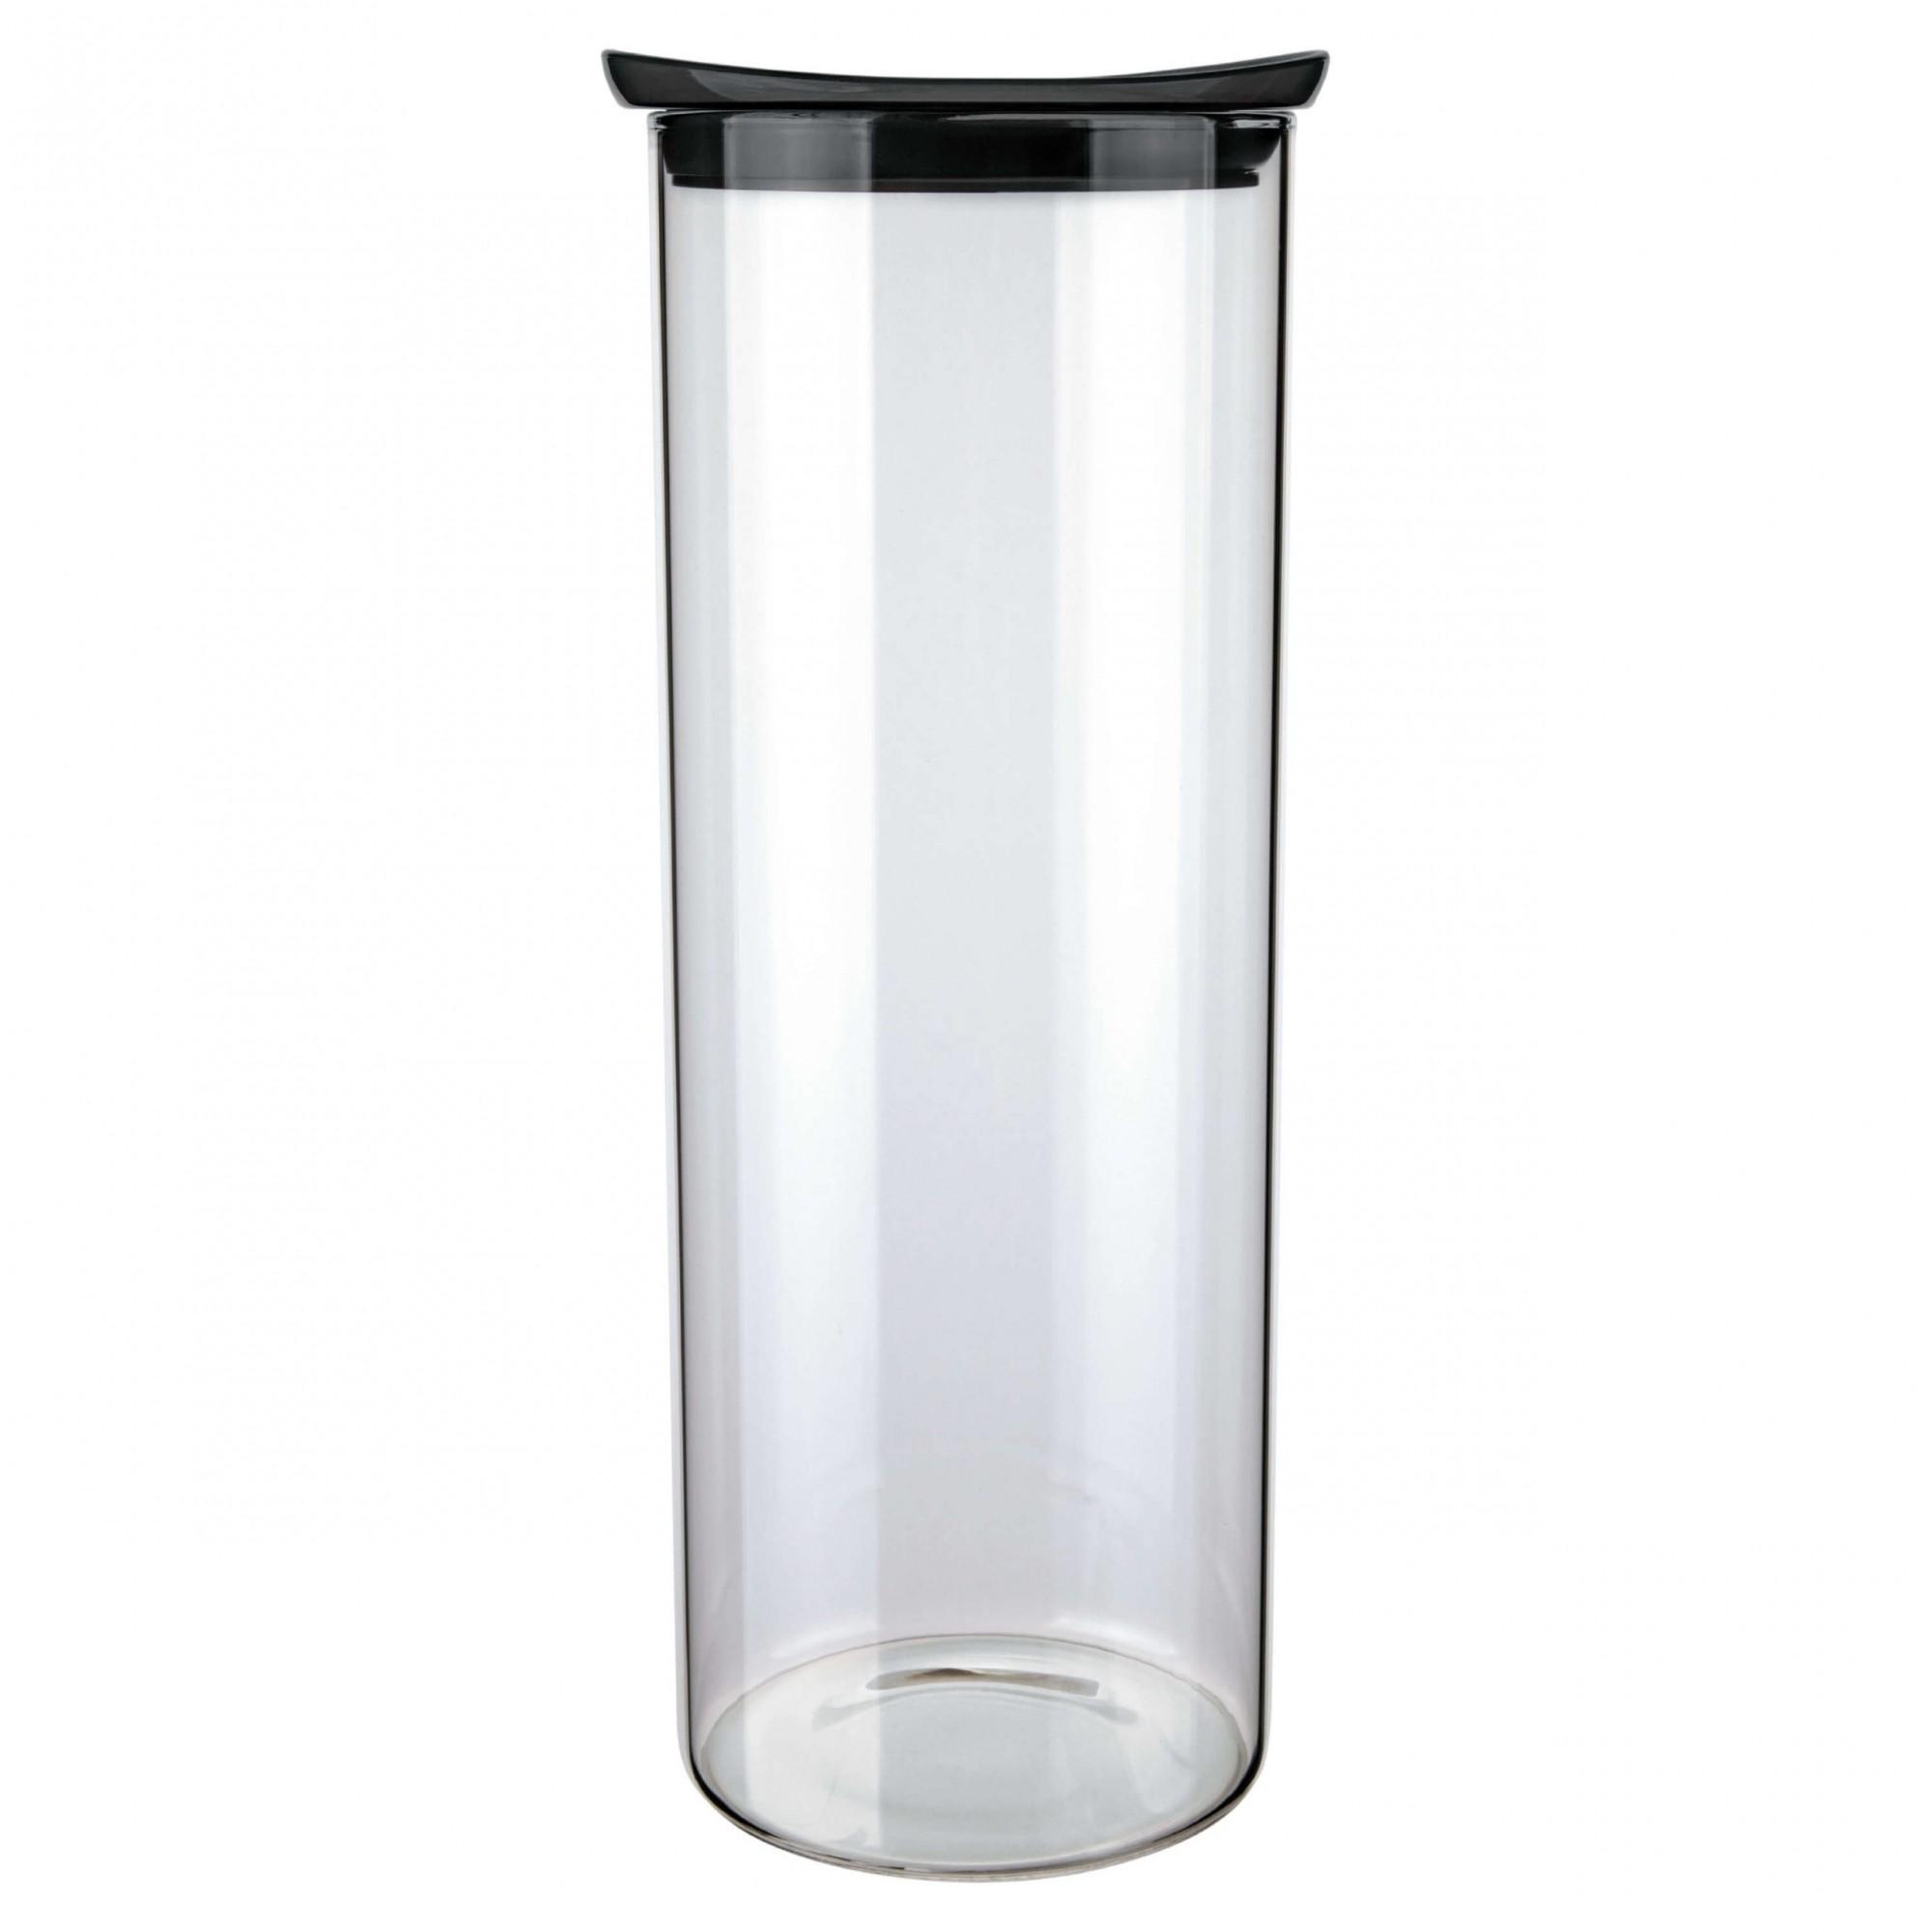 Pote de Vidro Slim Tampa Preta Hermético 1,7L 27,5x13x13cm